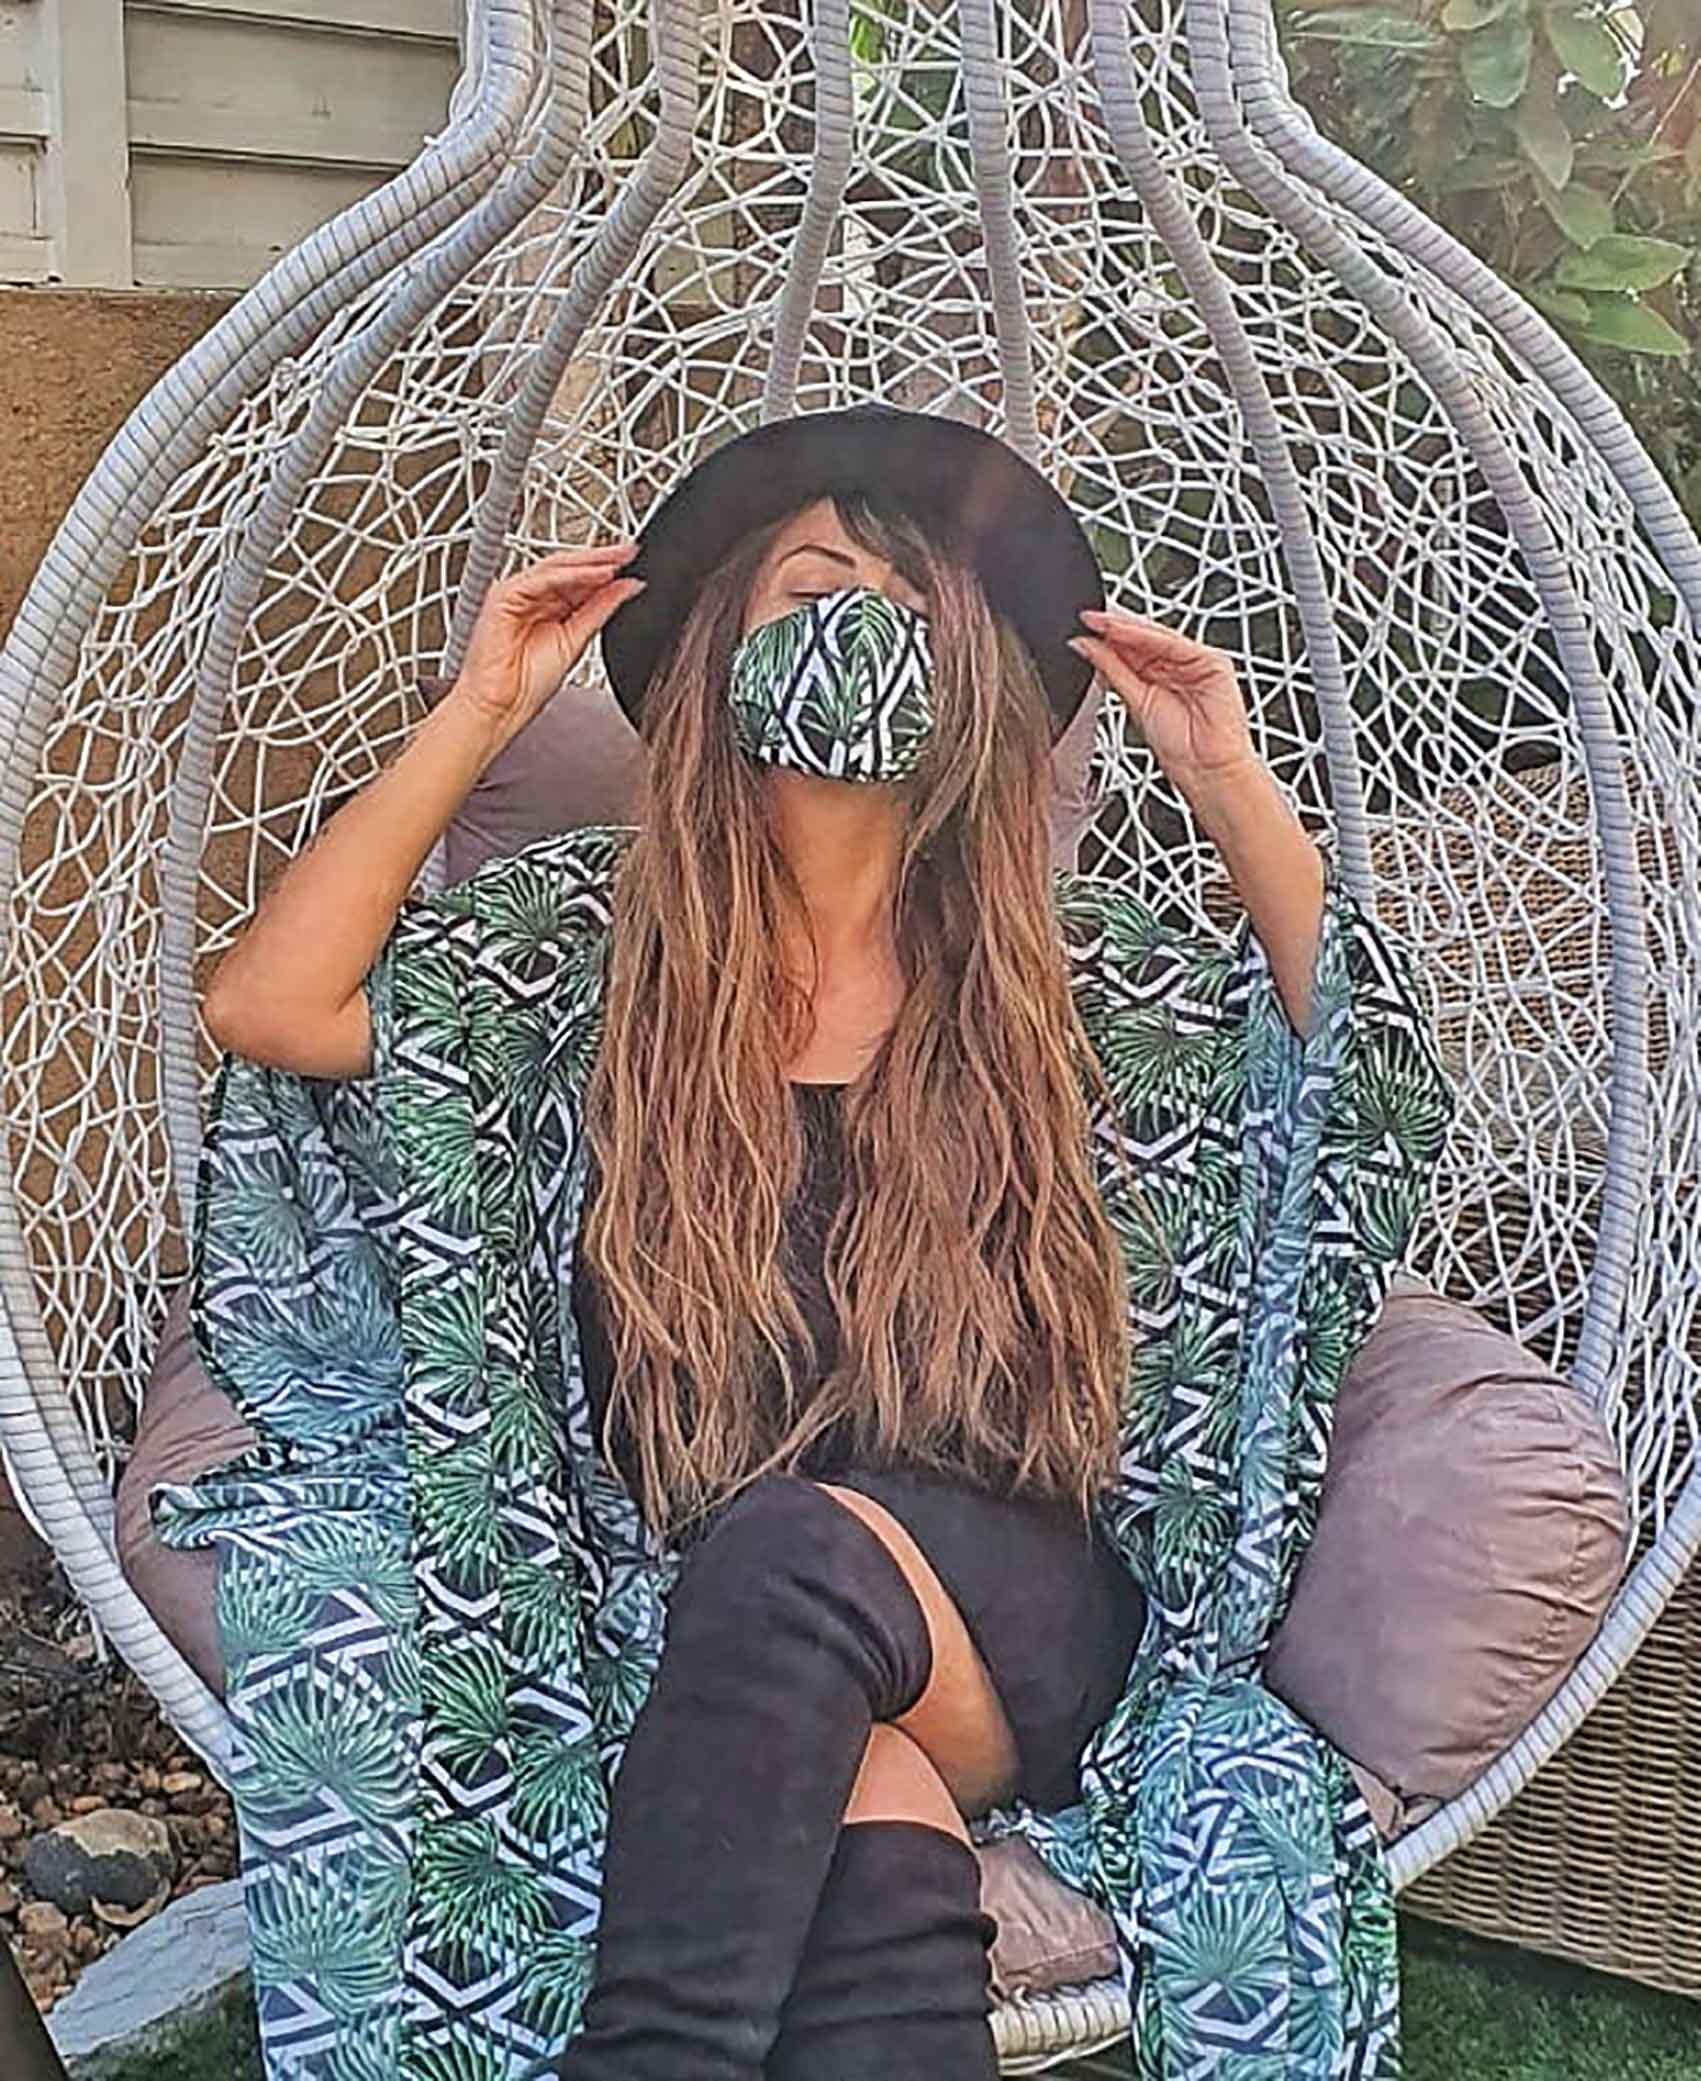 חיה נחשונוב_מסכה_קורונה_מגזין אופנה_8